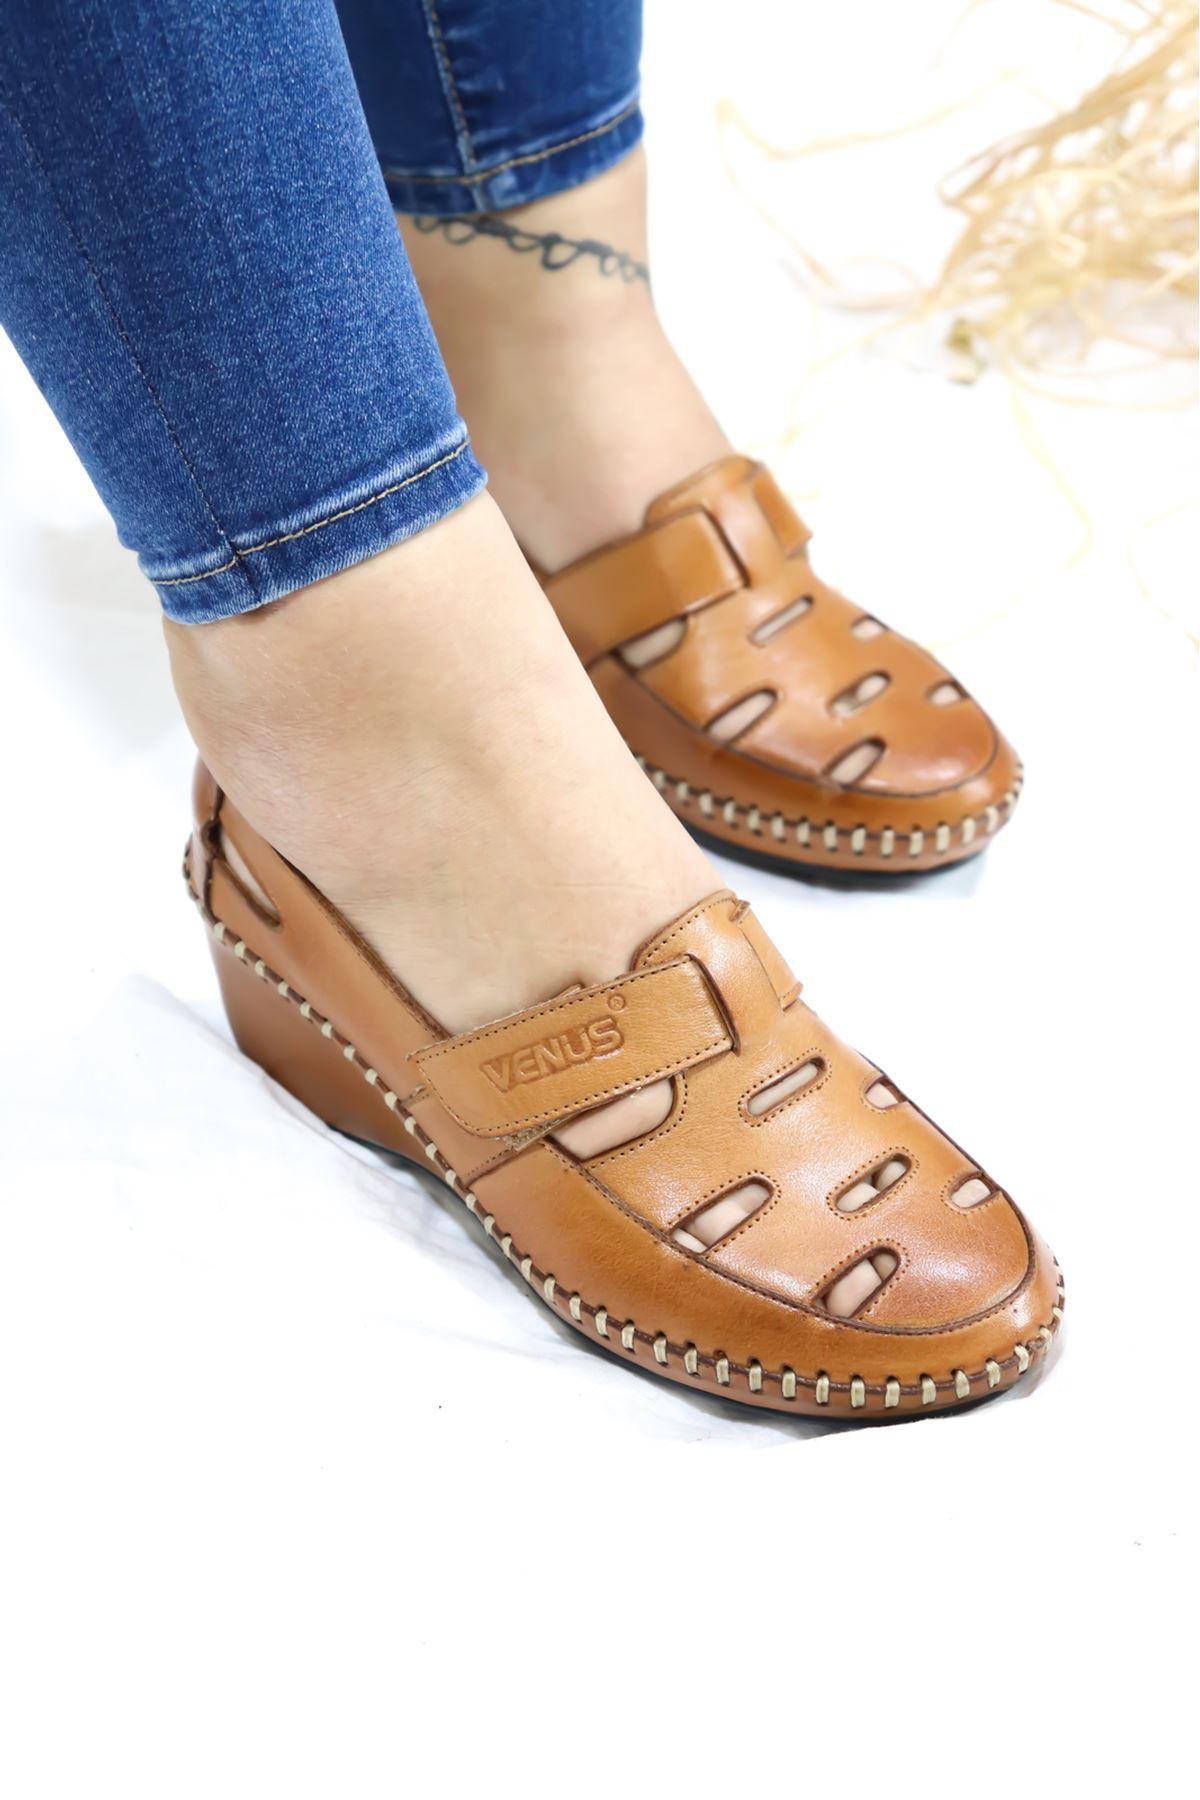 Venüs - 21793073 Taba Kadın Dolgu Topuklu Sandalet